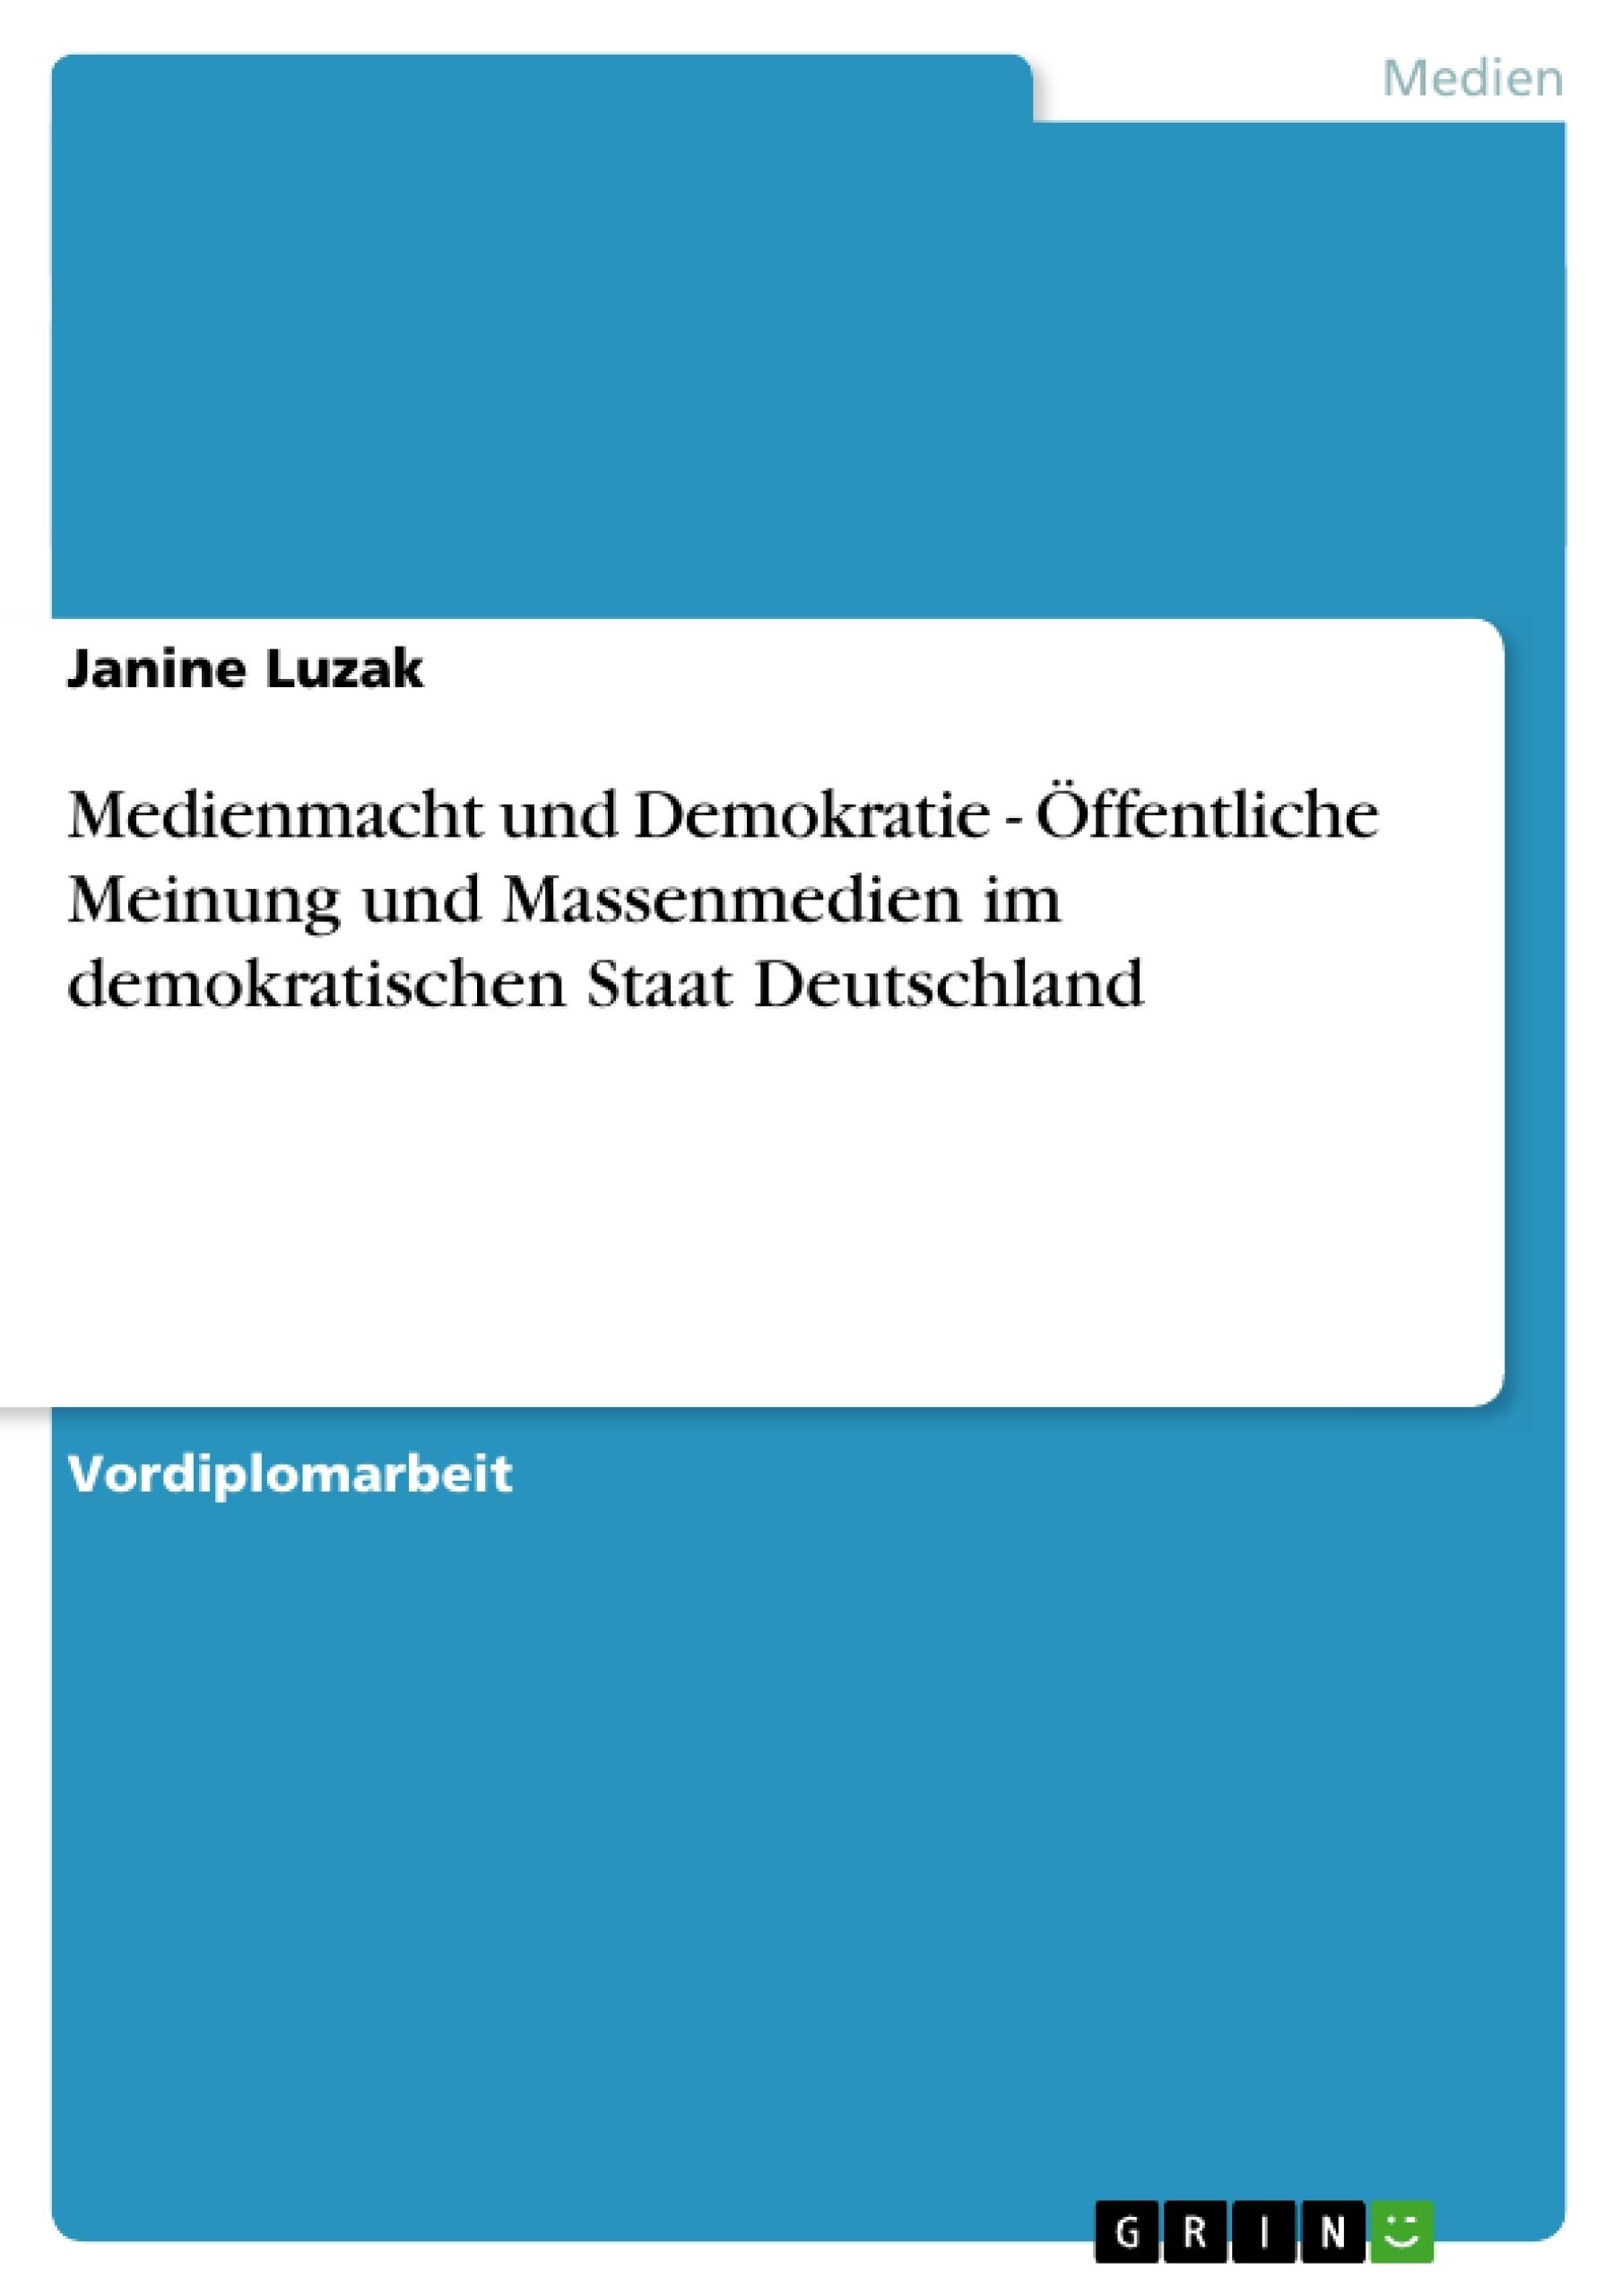 Titel: Medienmacht und Demokratie - Öffentliche Meinung und Massenmedien im demokratischen Staat Deutschland